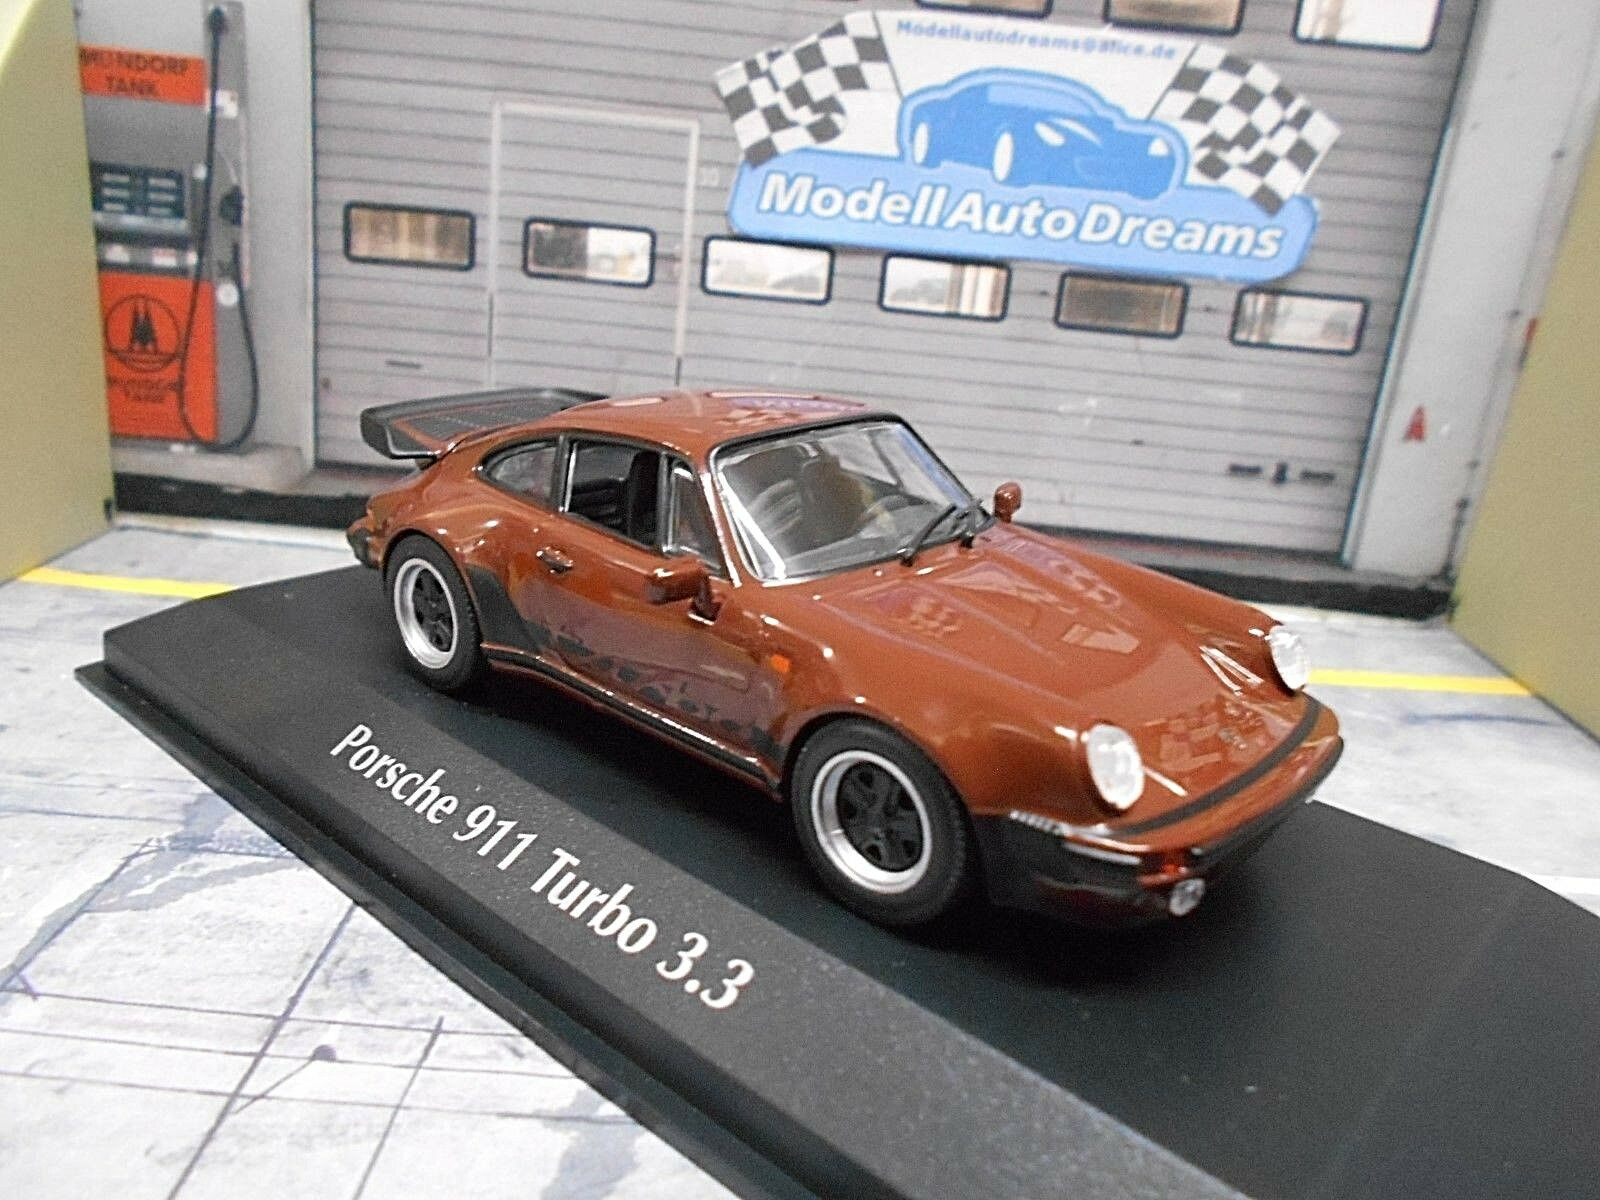 Porsche 911 930 Turbo 3.3 Marron marron 1979 SP maxichamps MINICHAMPS 1 43